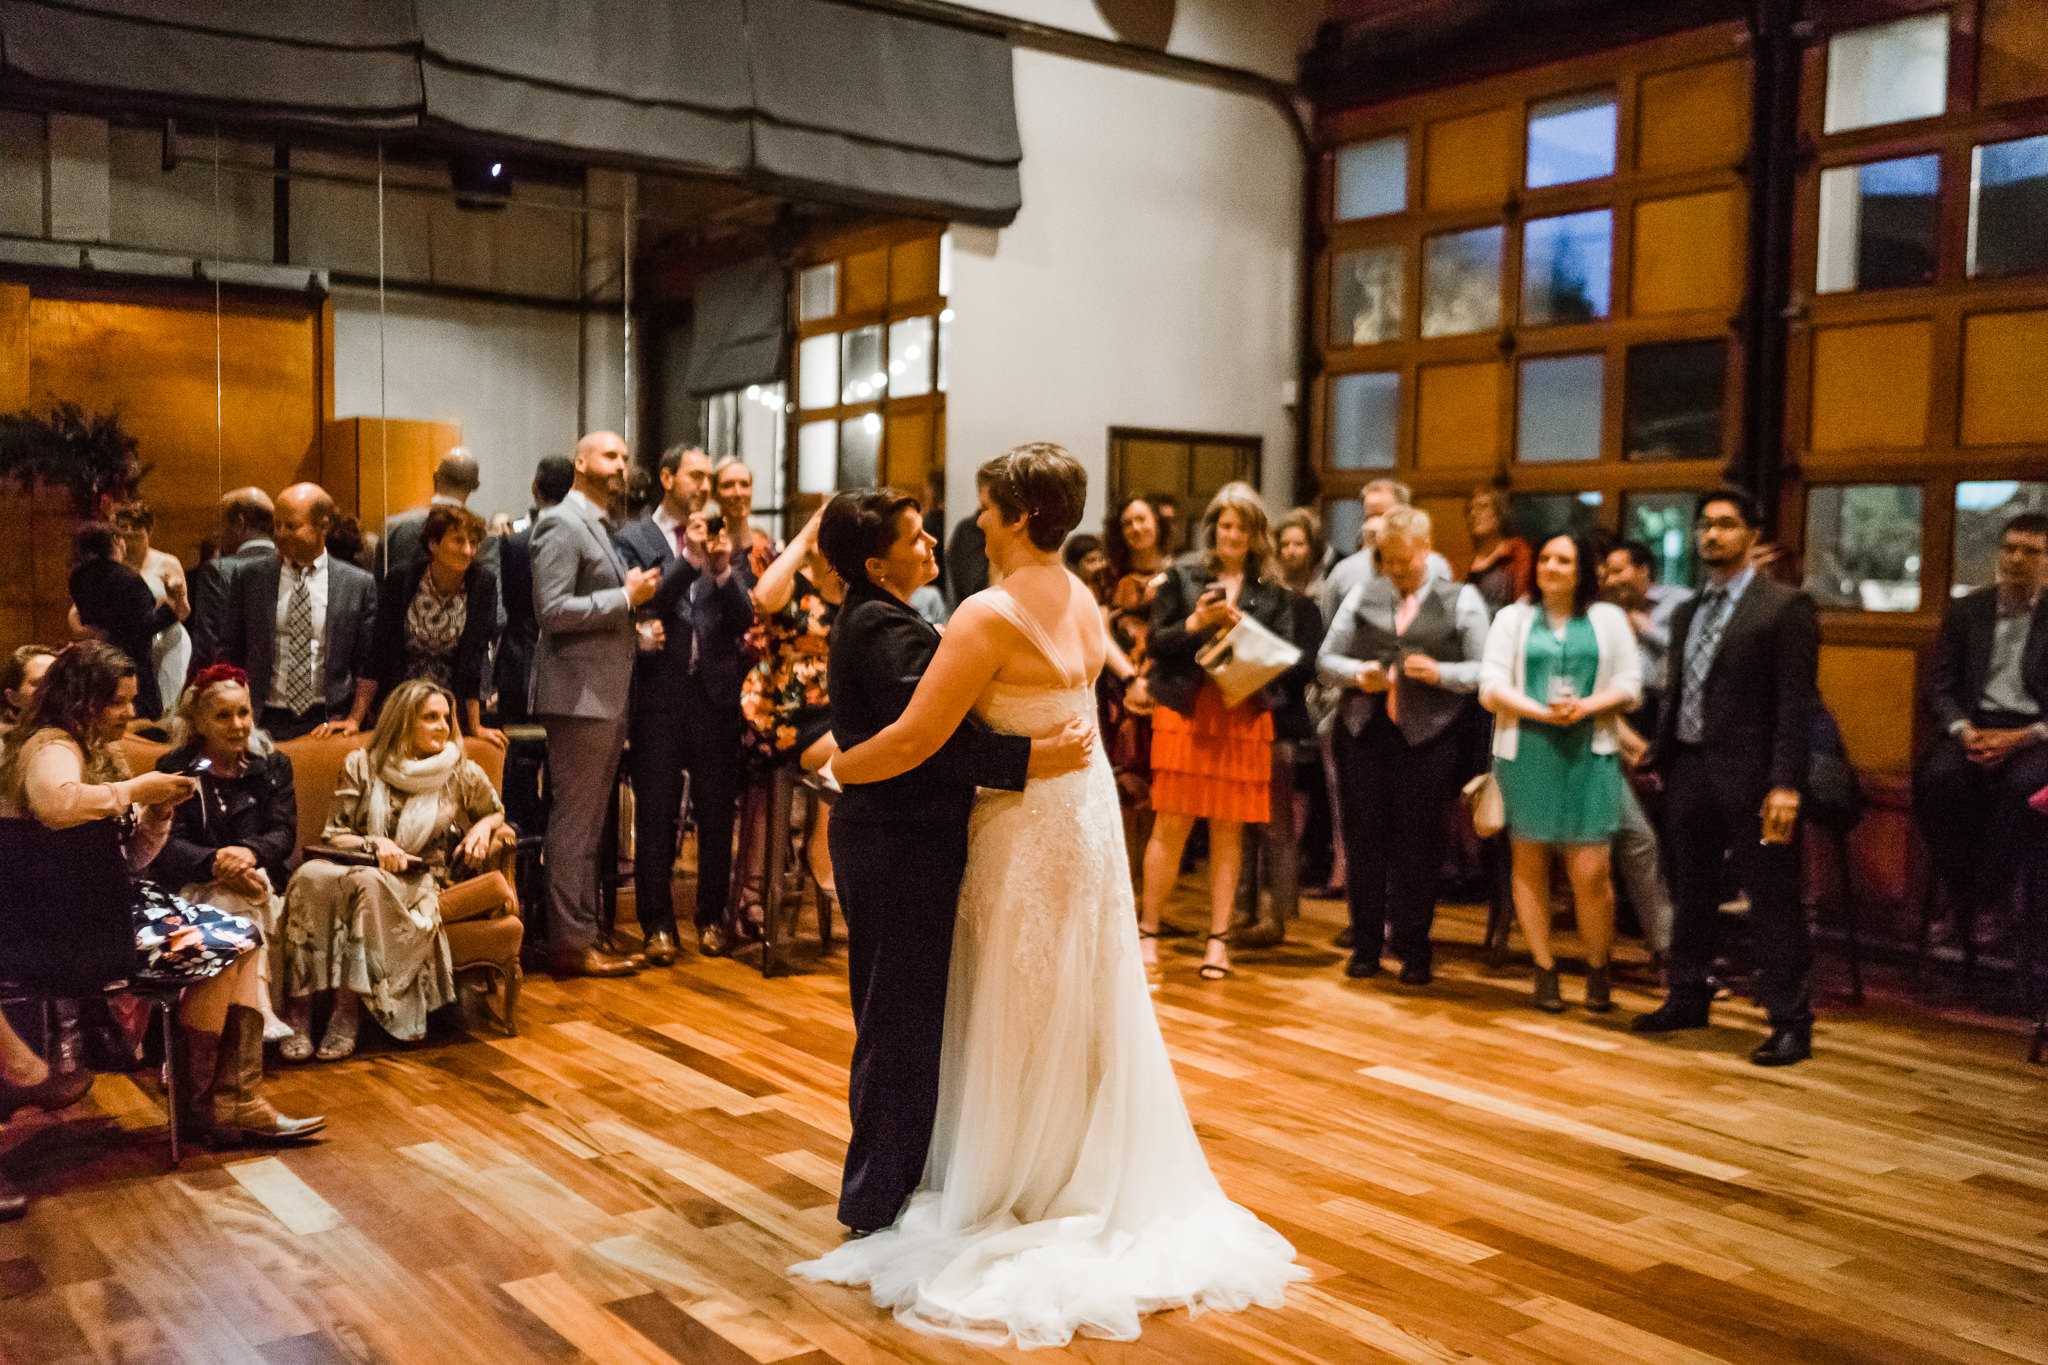 First Lesbian Dance Wedding 10 Degrees Wedding Venue